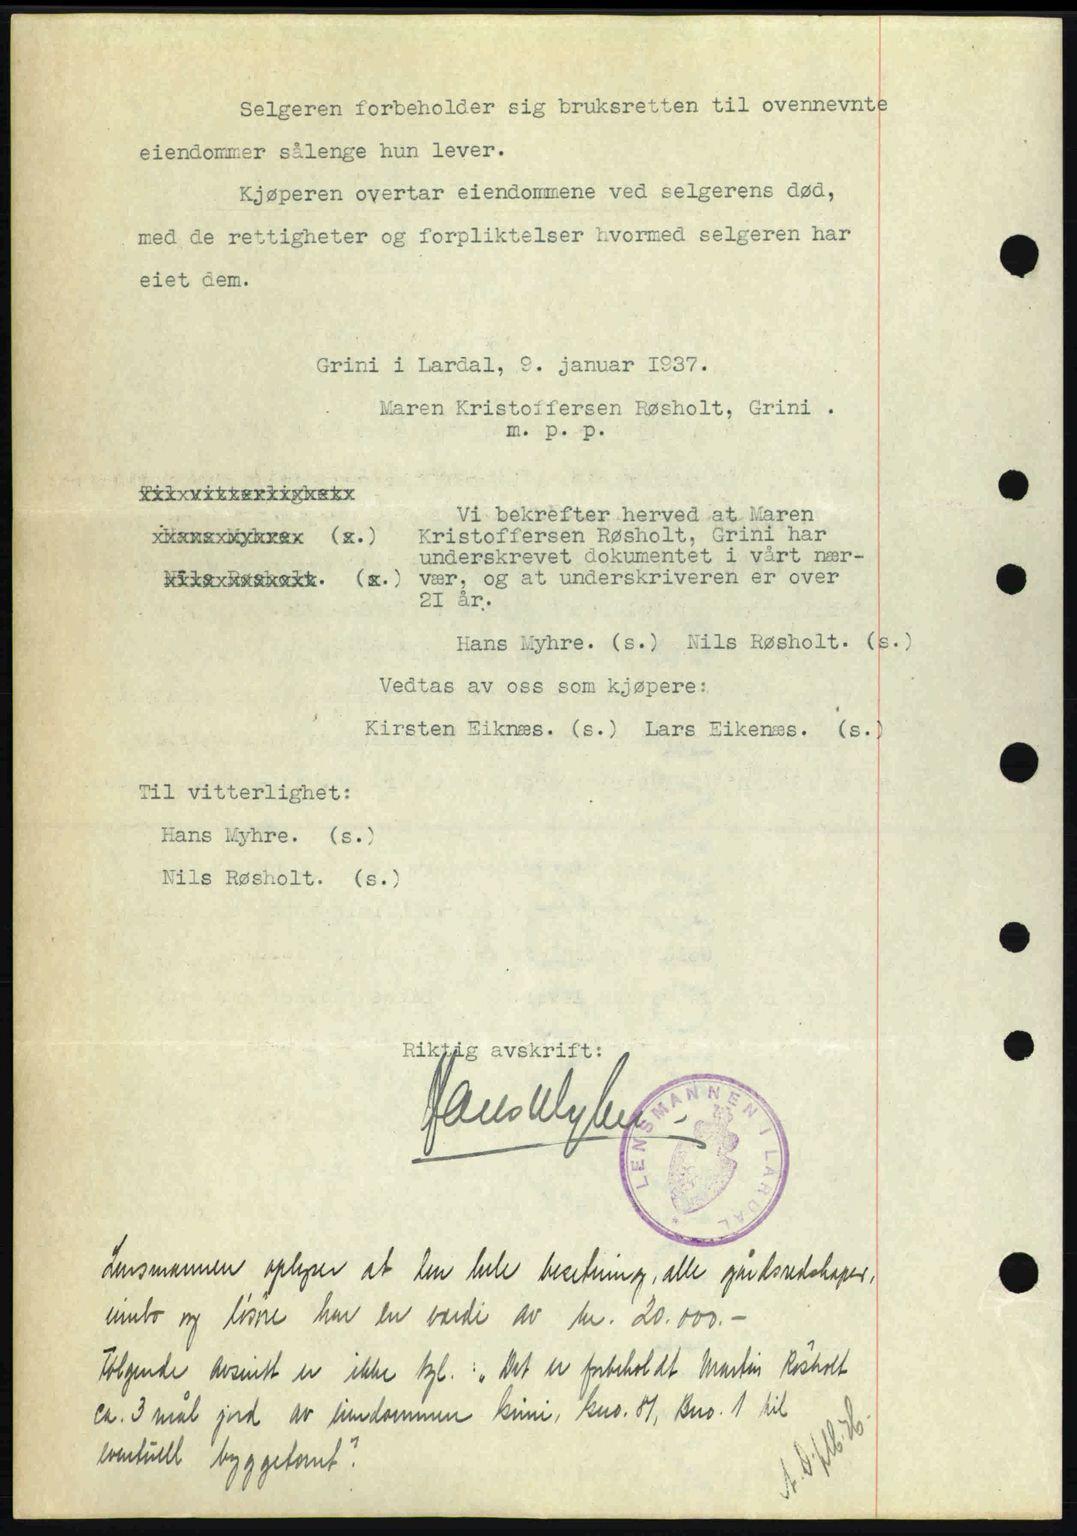 SAKO, Larvik sorenskriveri, G/Ga/Gab/L0067: Pantebok nr. A-1, 1936-1937, Dagboknr: 119/1937